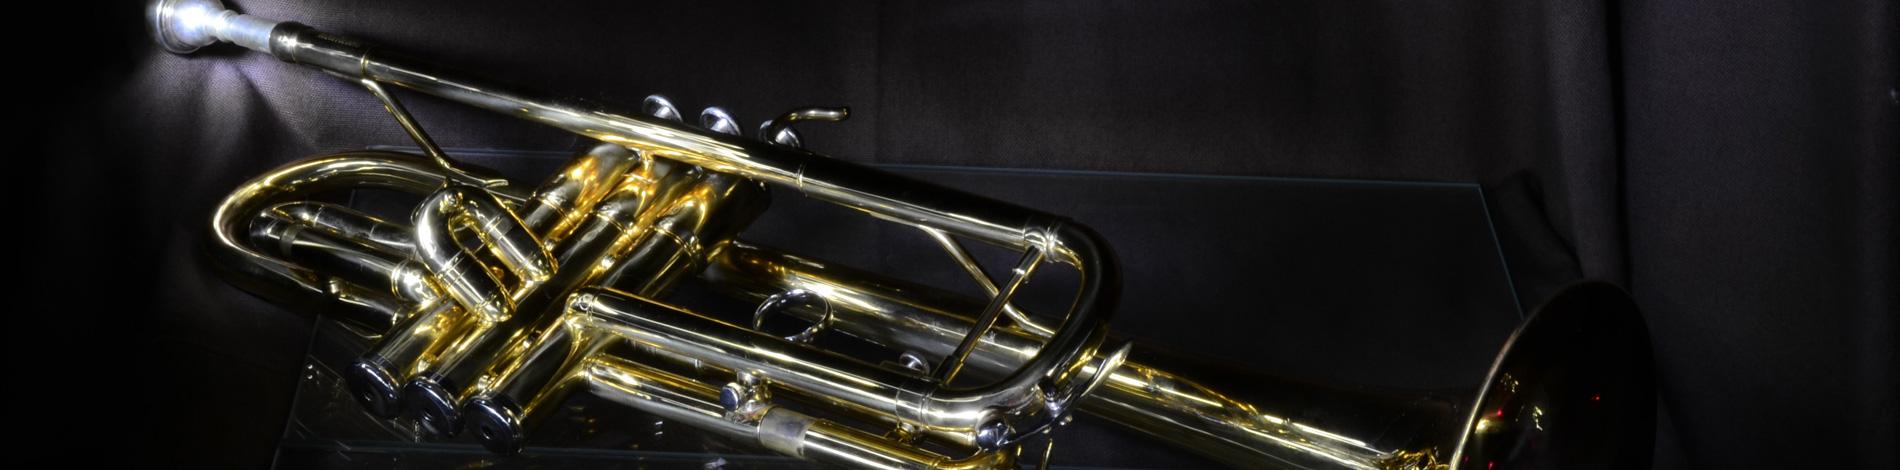 trompette annonce vendre ou acheter une trompette d 39 occasion. Black Bedroom Furniture Sets. Home Design Ideas